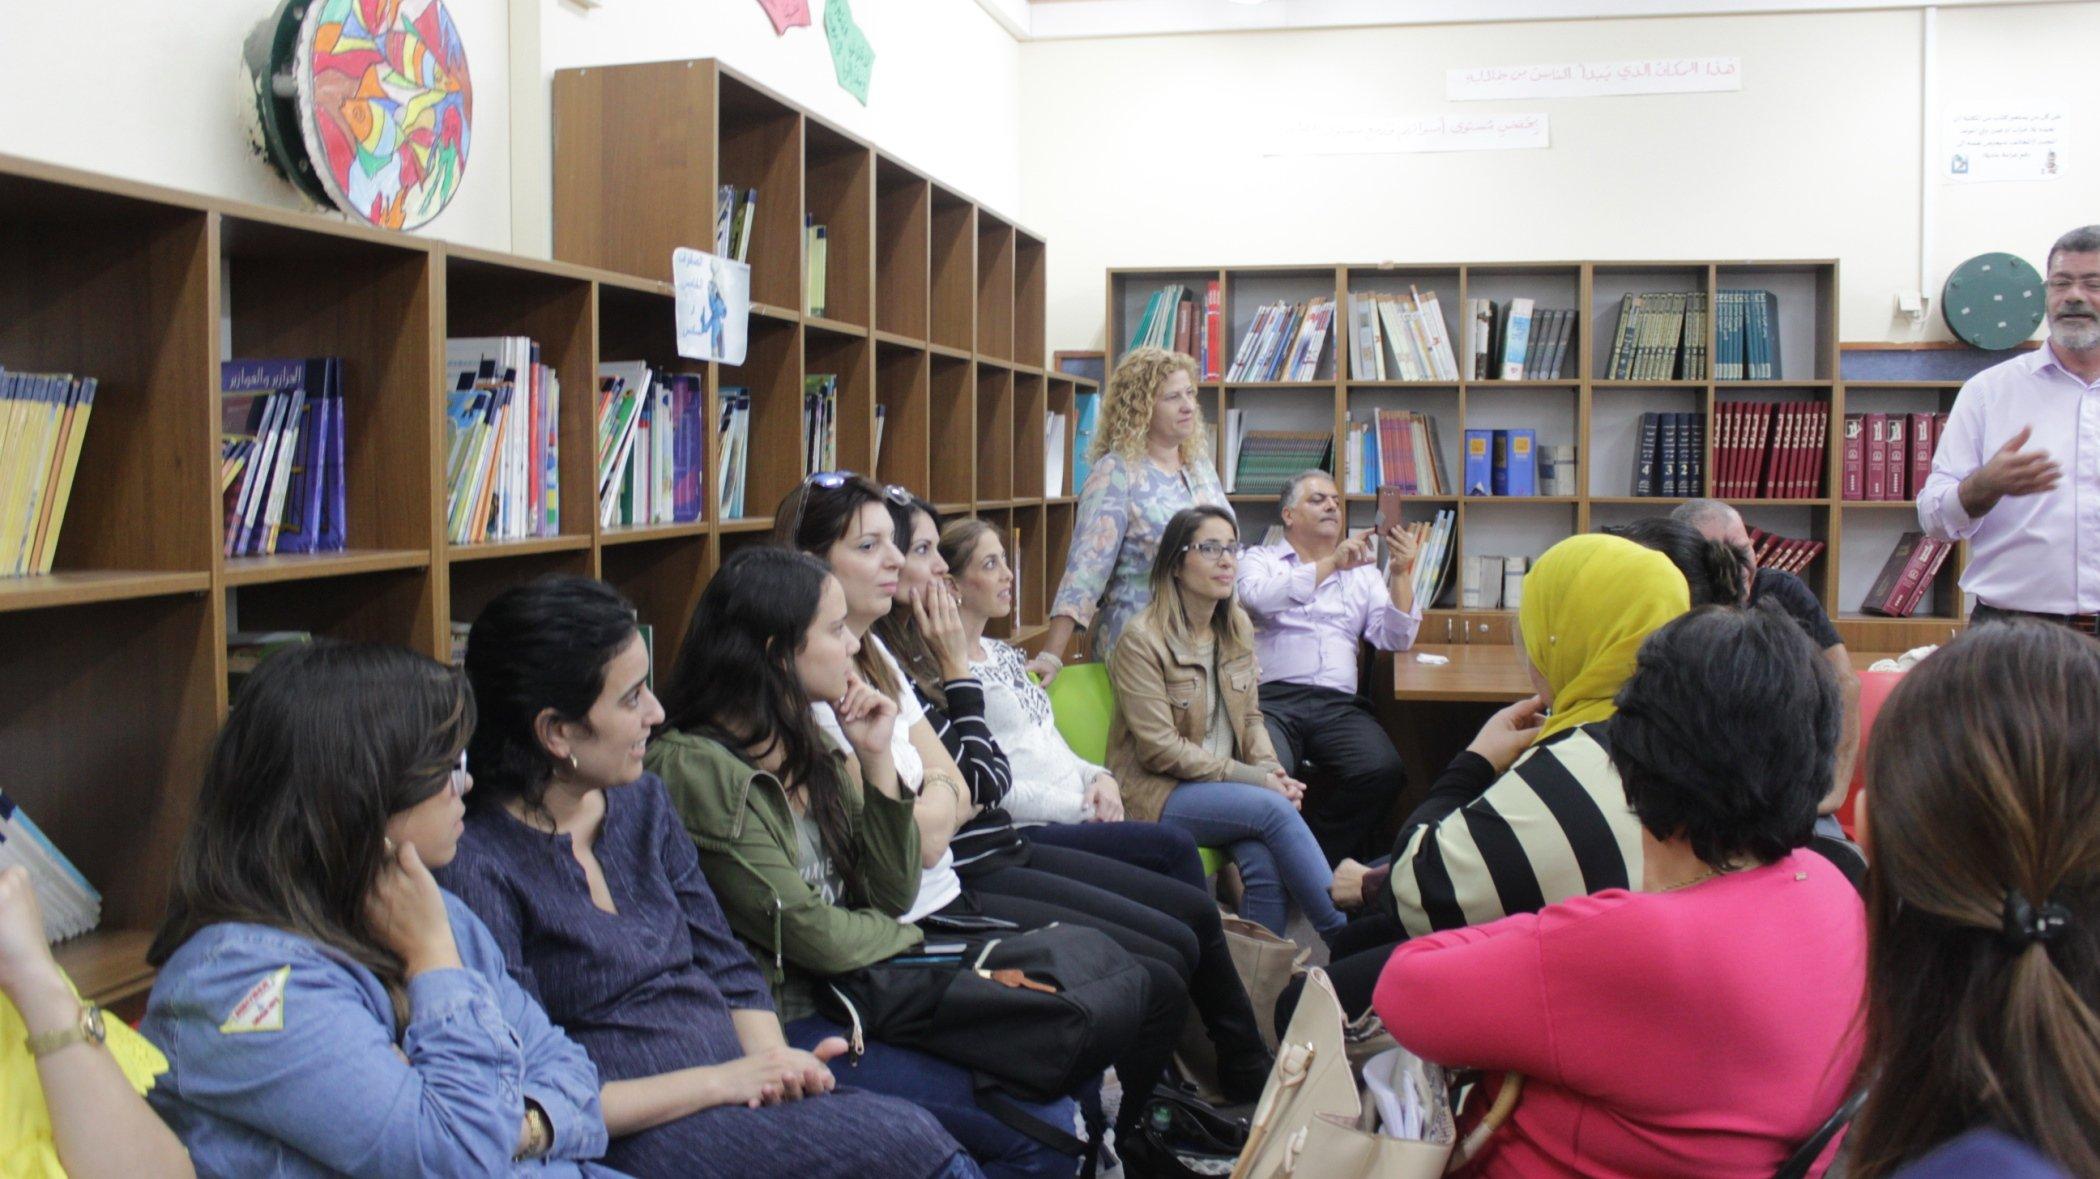 مدرسة القسـطل تشارك مشروع هنالك بديل وتعزز الحياة المشتركة